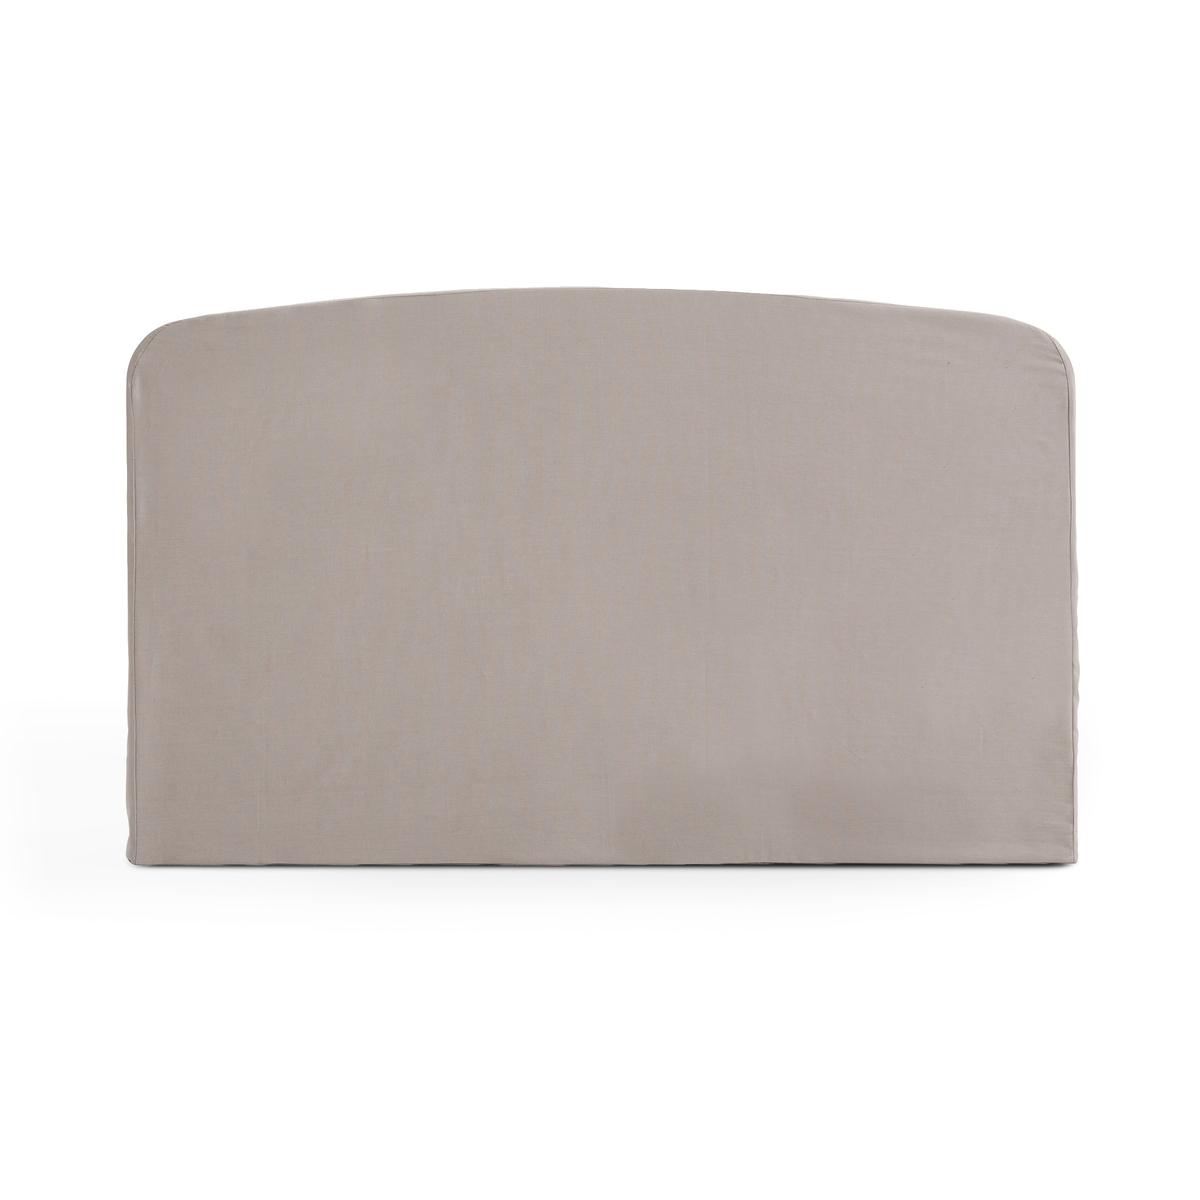 Чехол для изголовья кровати закругленной формы SCENARIO